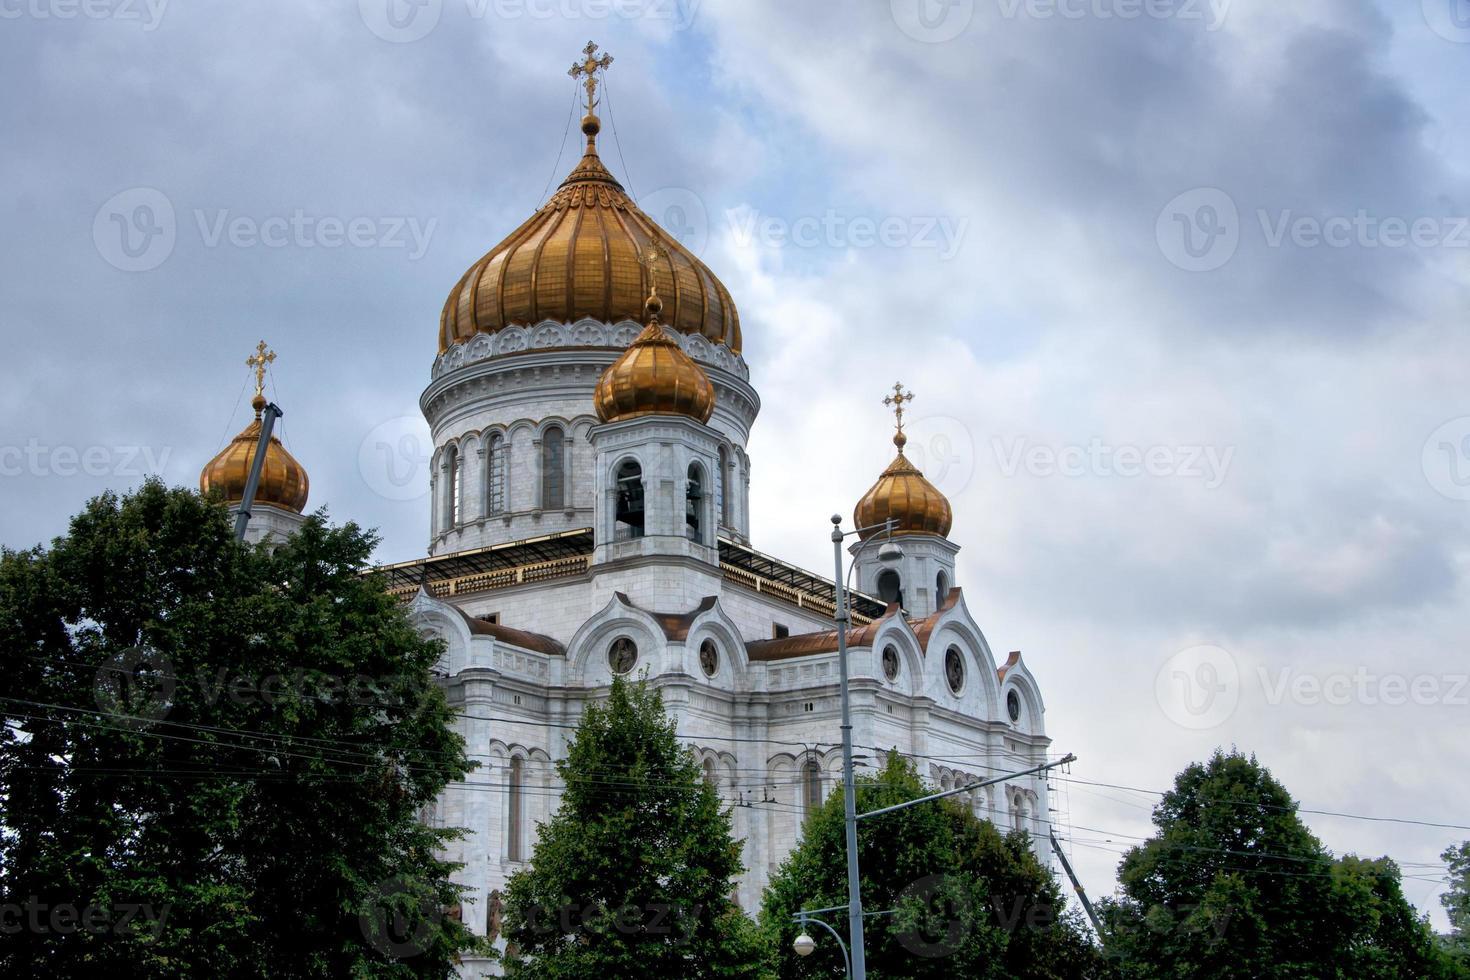 Rusia: cúpulas de la catedral de San Salvador en Moscú. foto